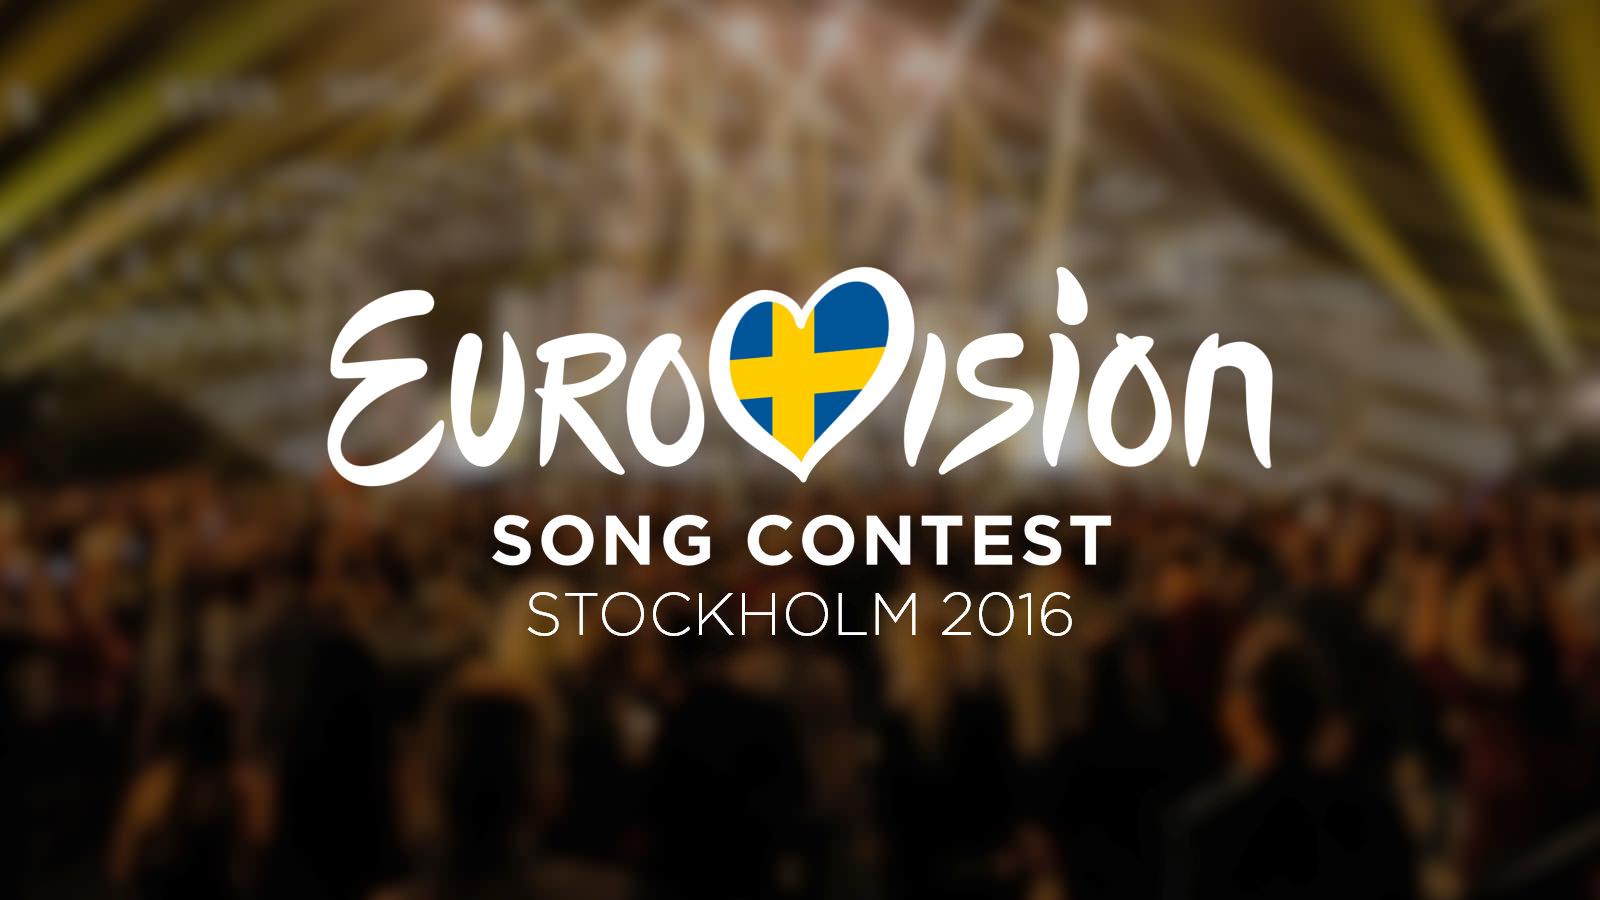 Photo of Евровидение 2016. Начало положено евровидение 2016 Евровидение 2016. Начало положено 20009